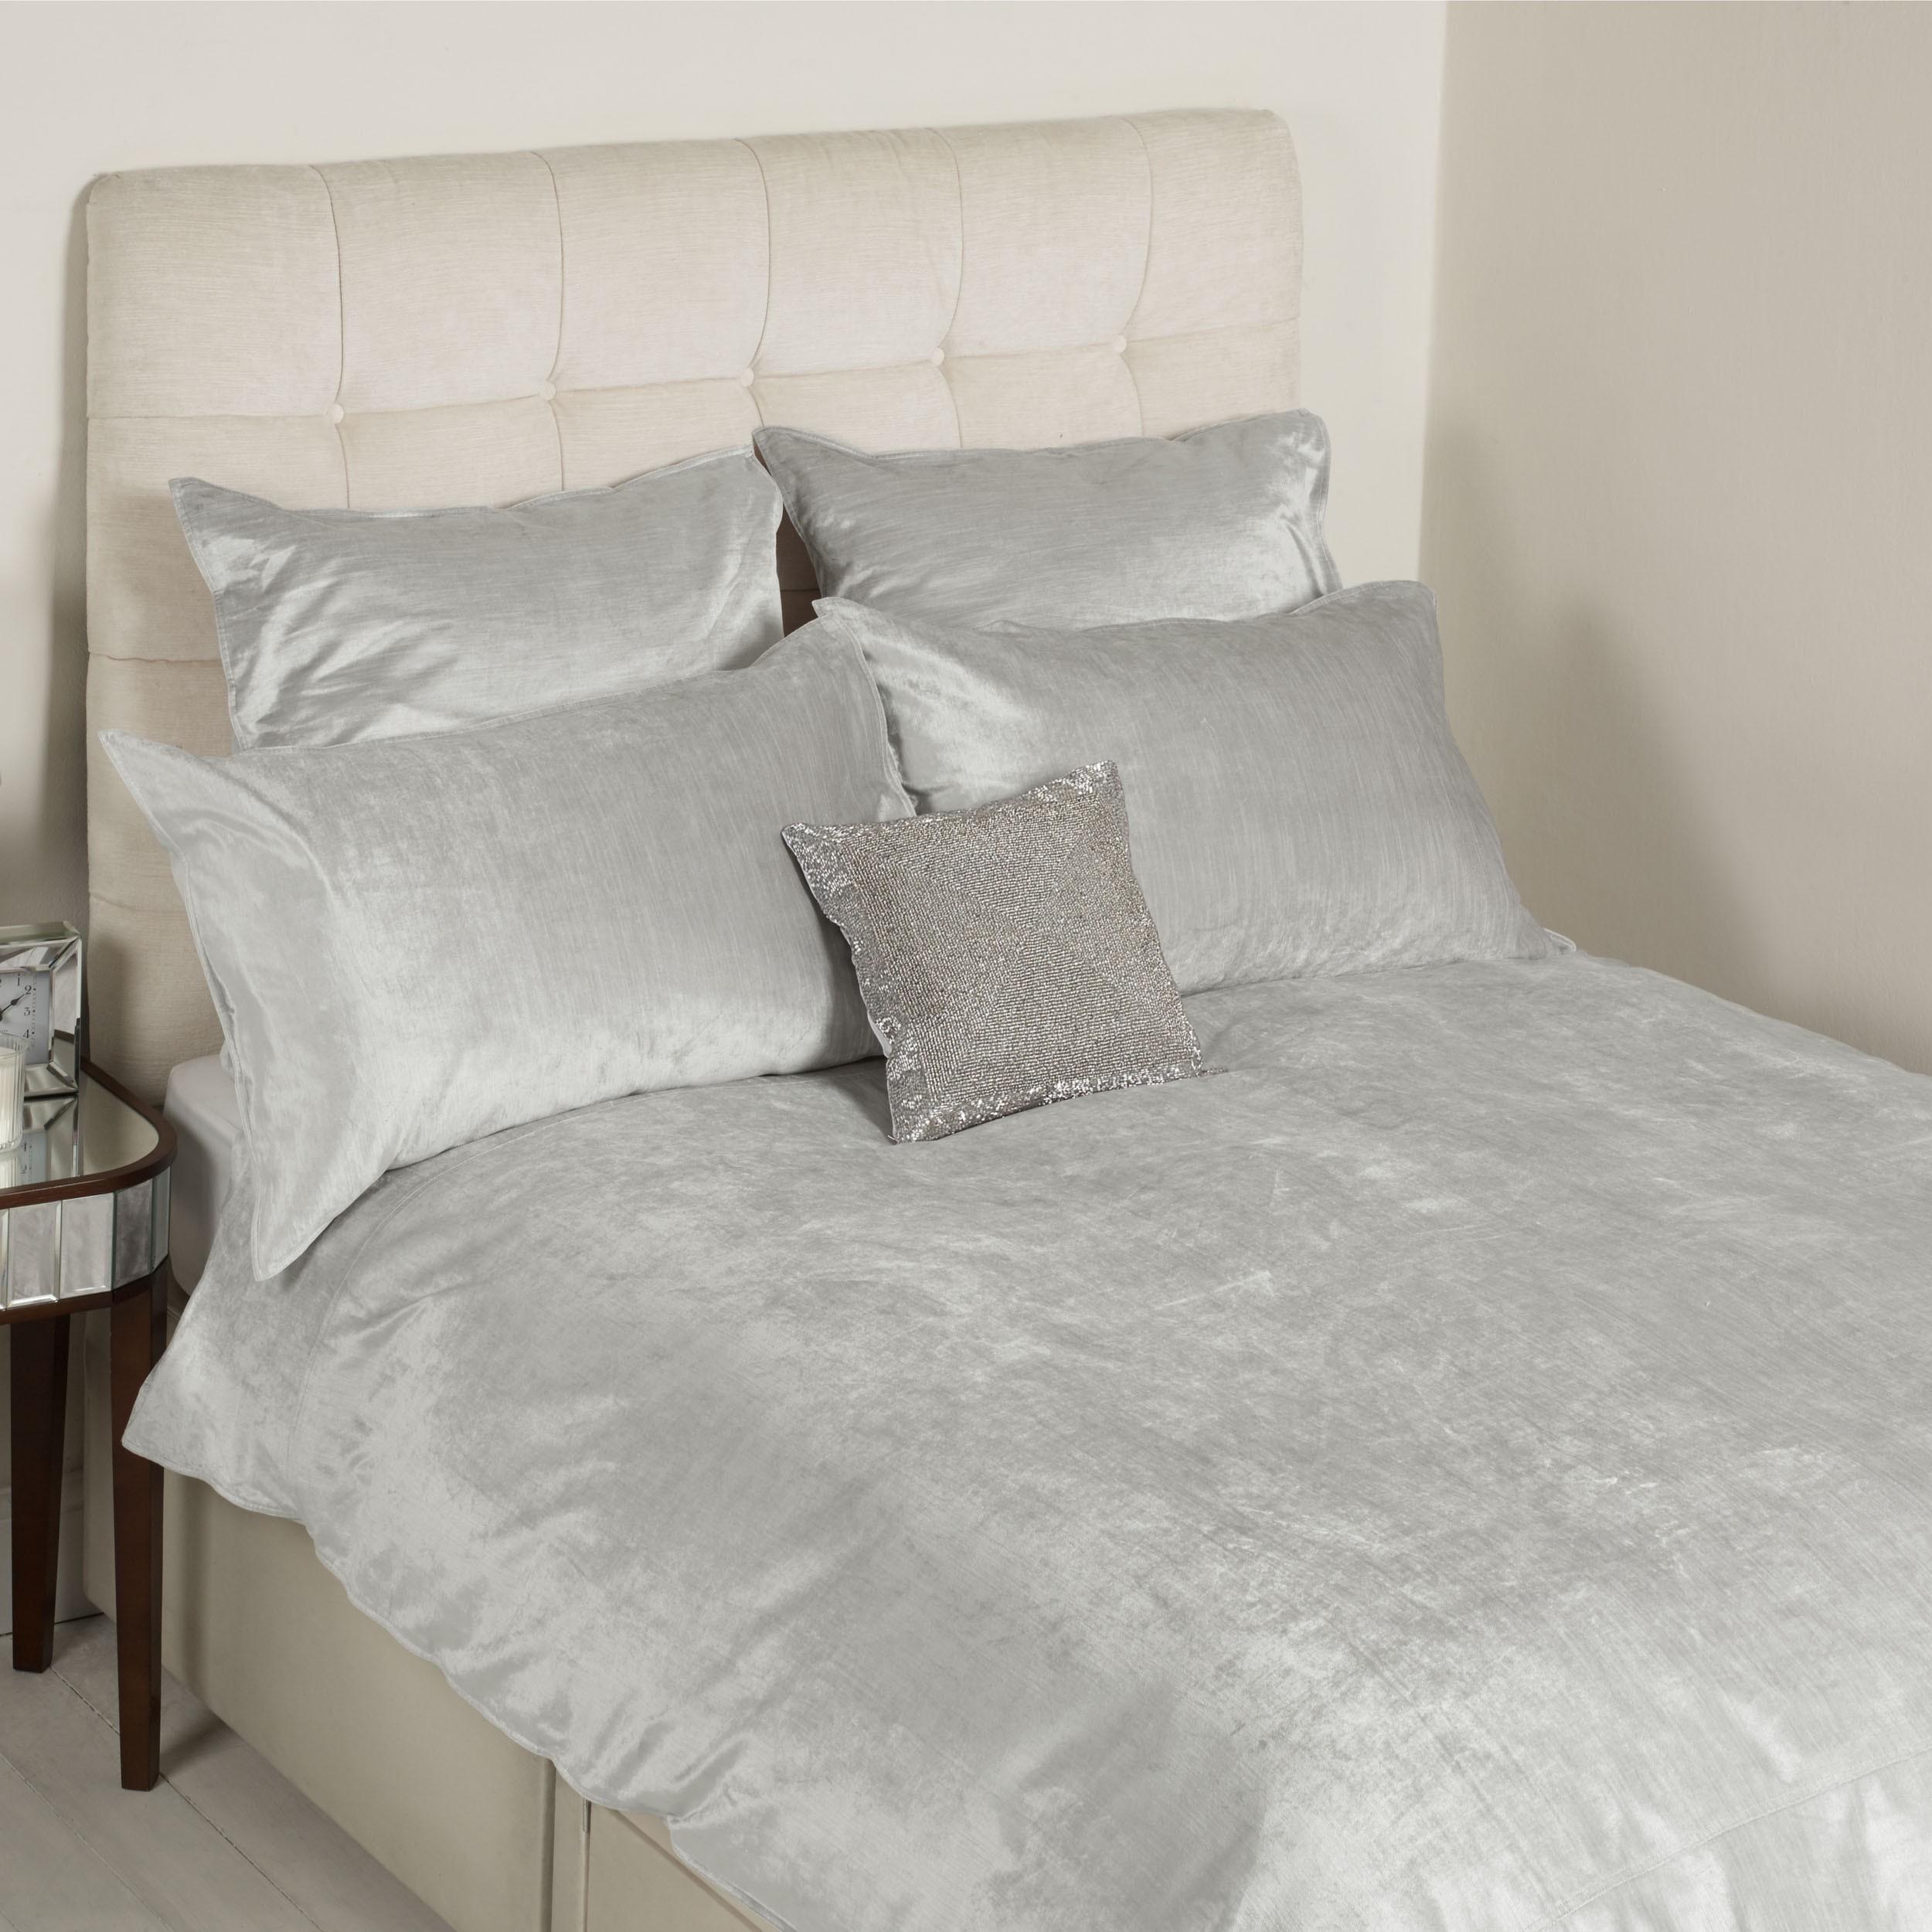 Comprar ropa de cama Alana terciopelo plata de diseño   Laura